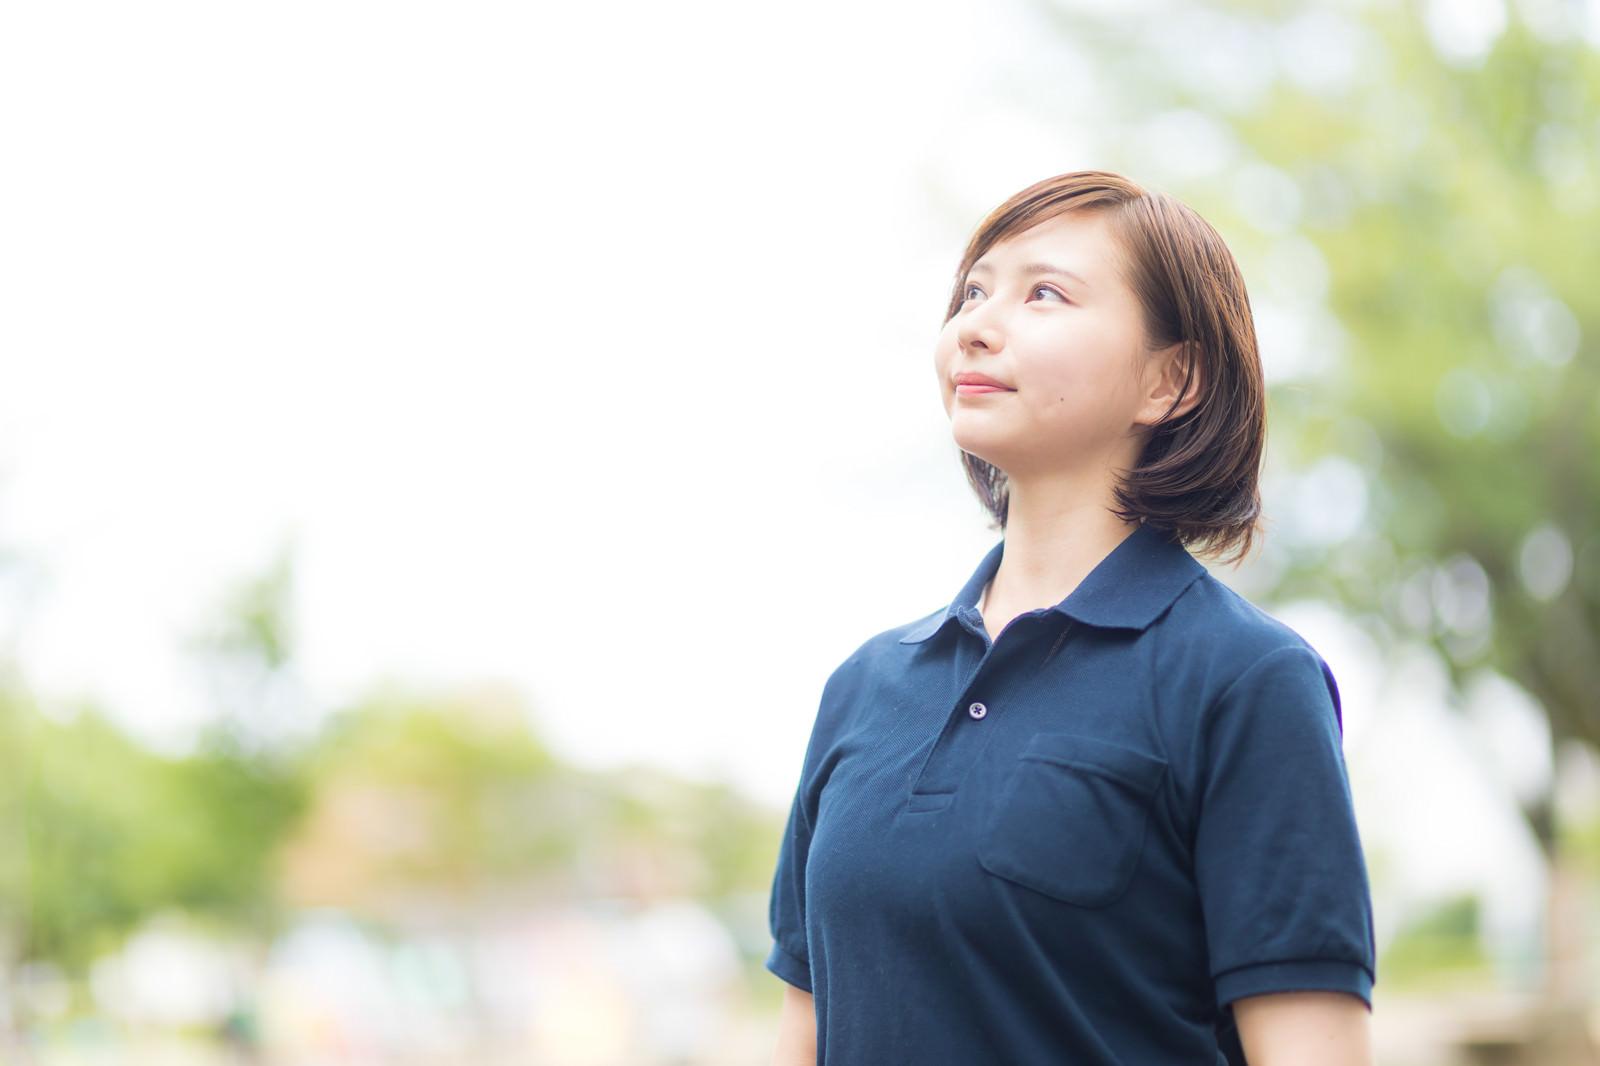 「空を見上げるヘルパーの女性」の写真[モデル:yumiko]